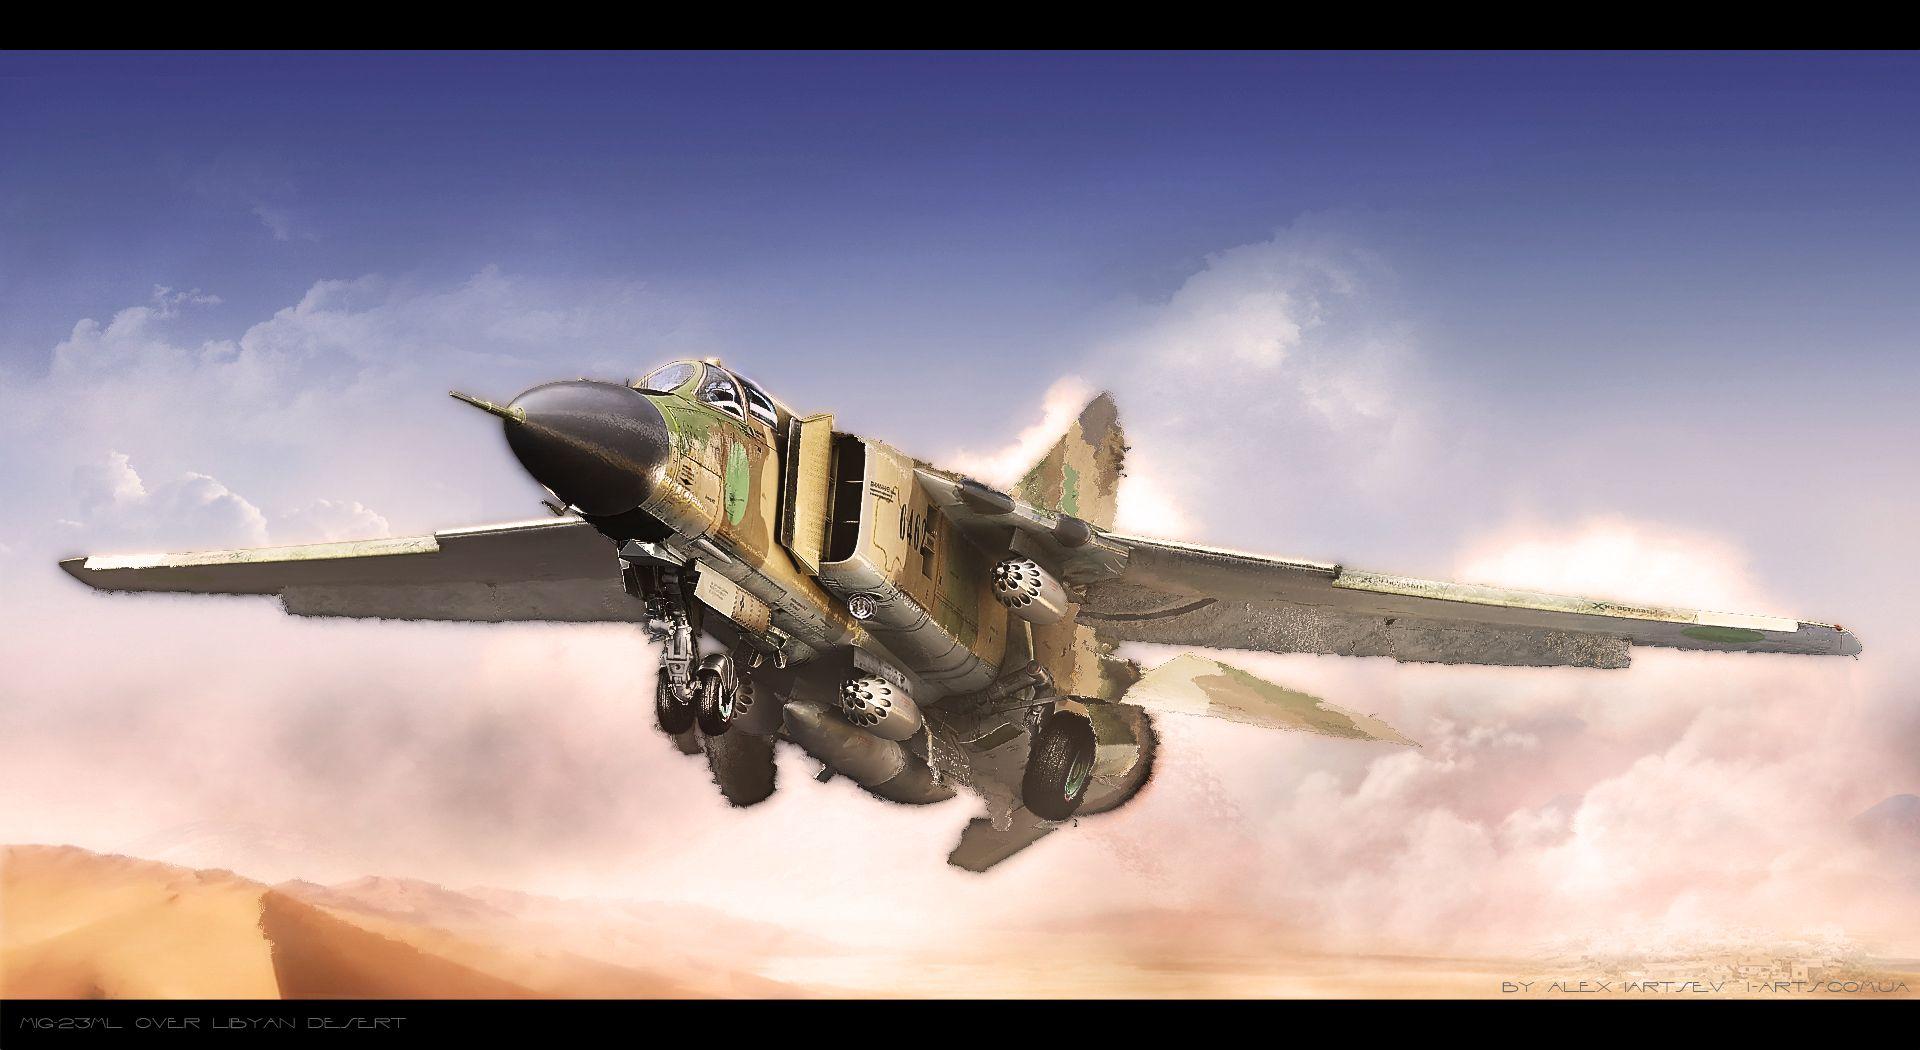 Over Libya